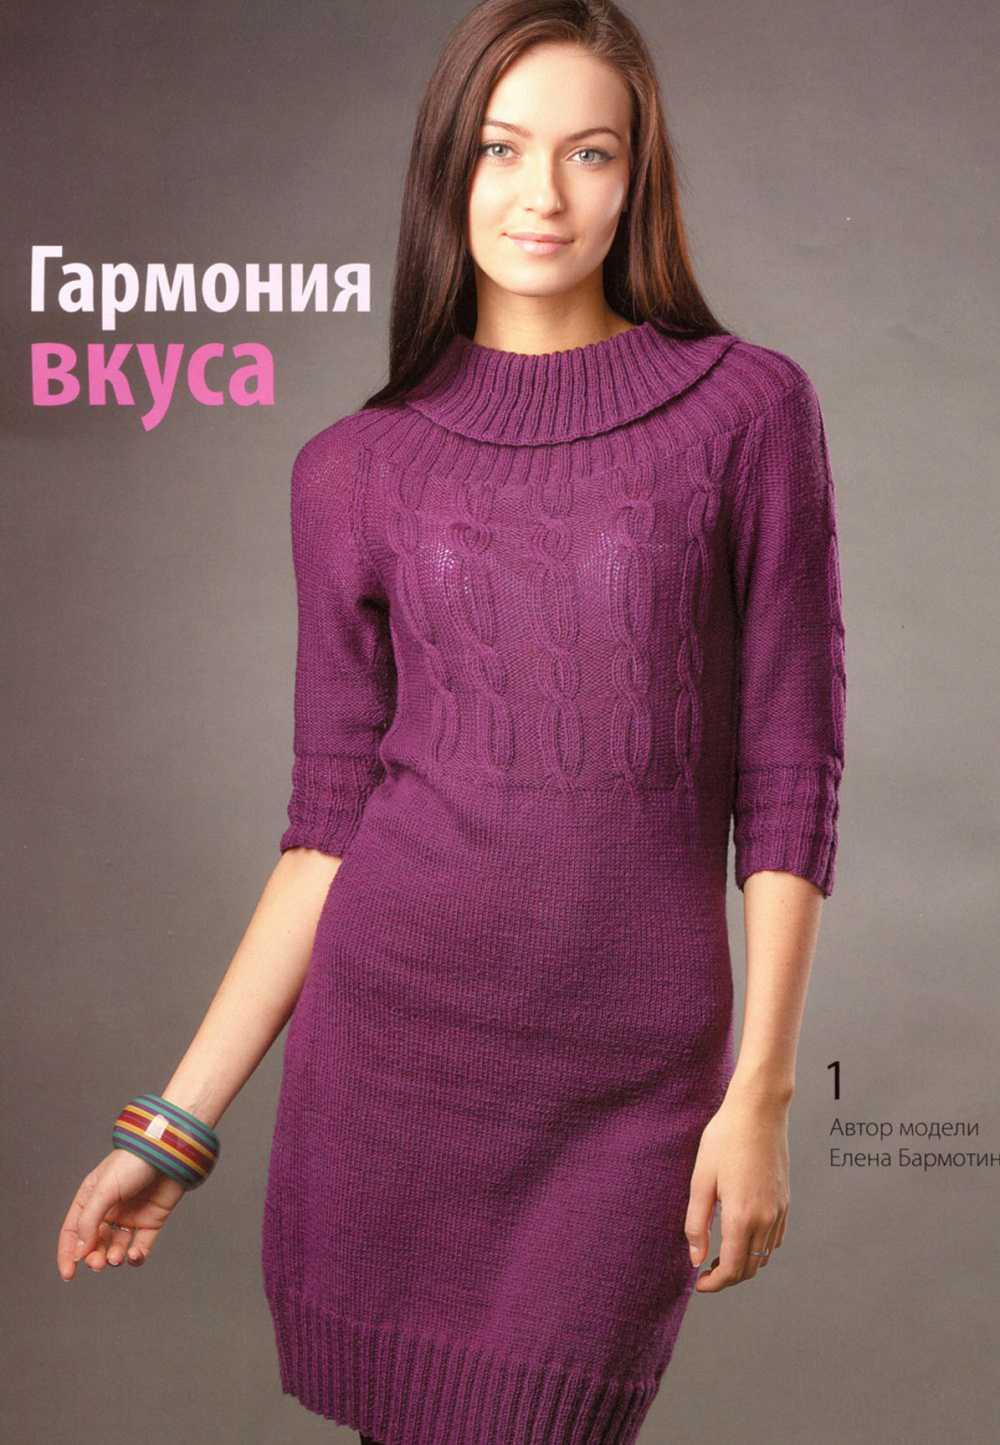 Марийские платья кто купит